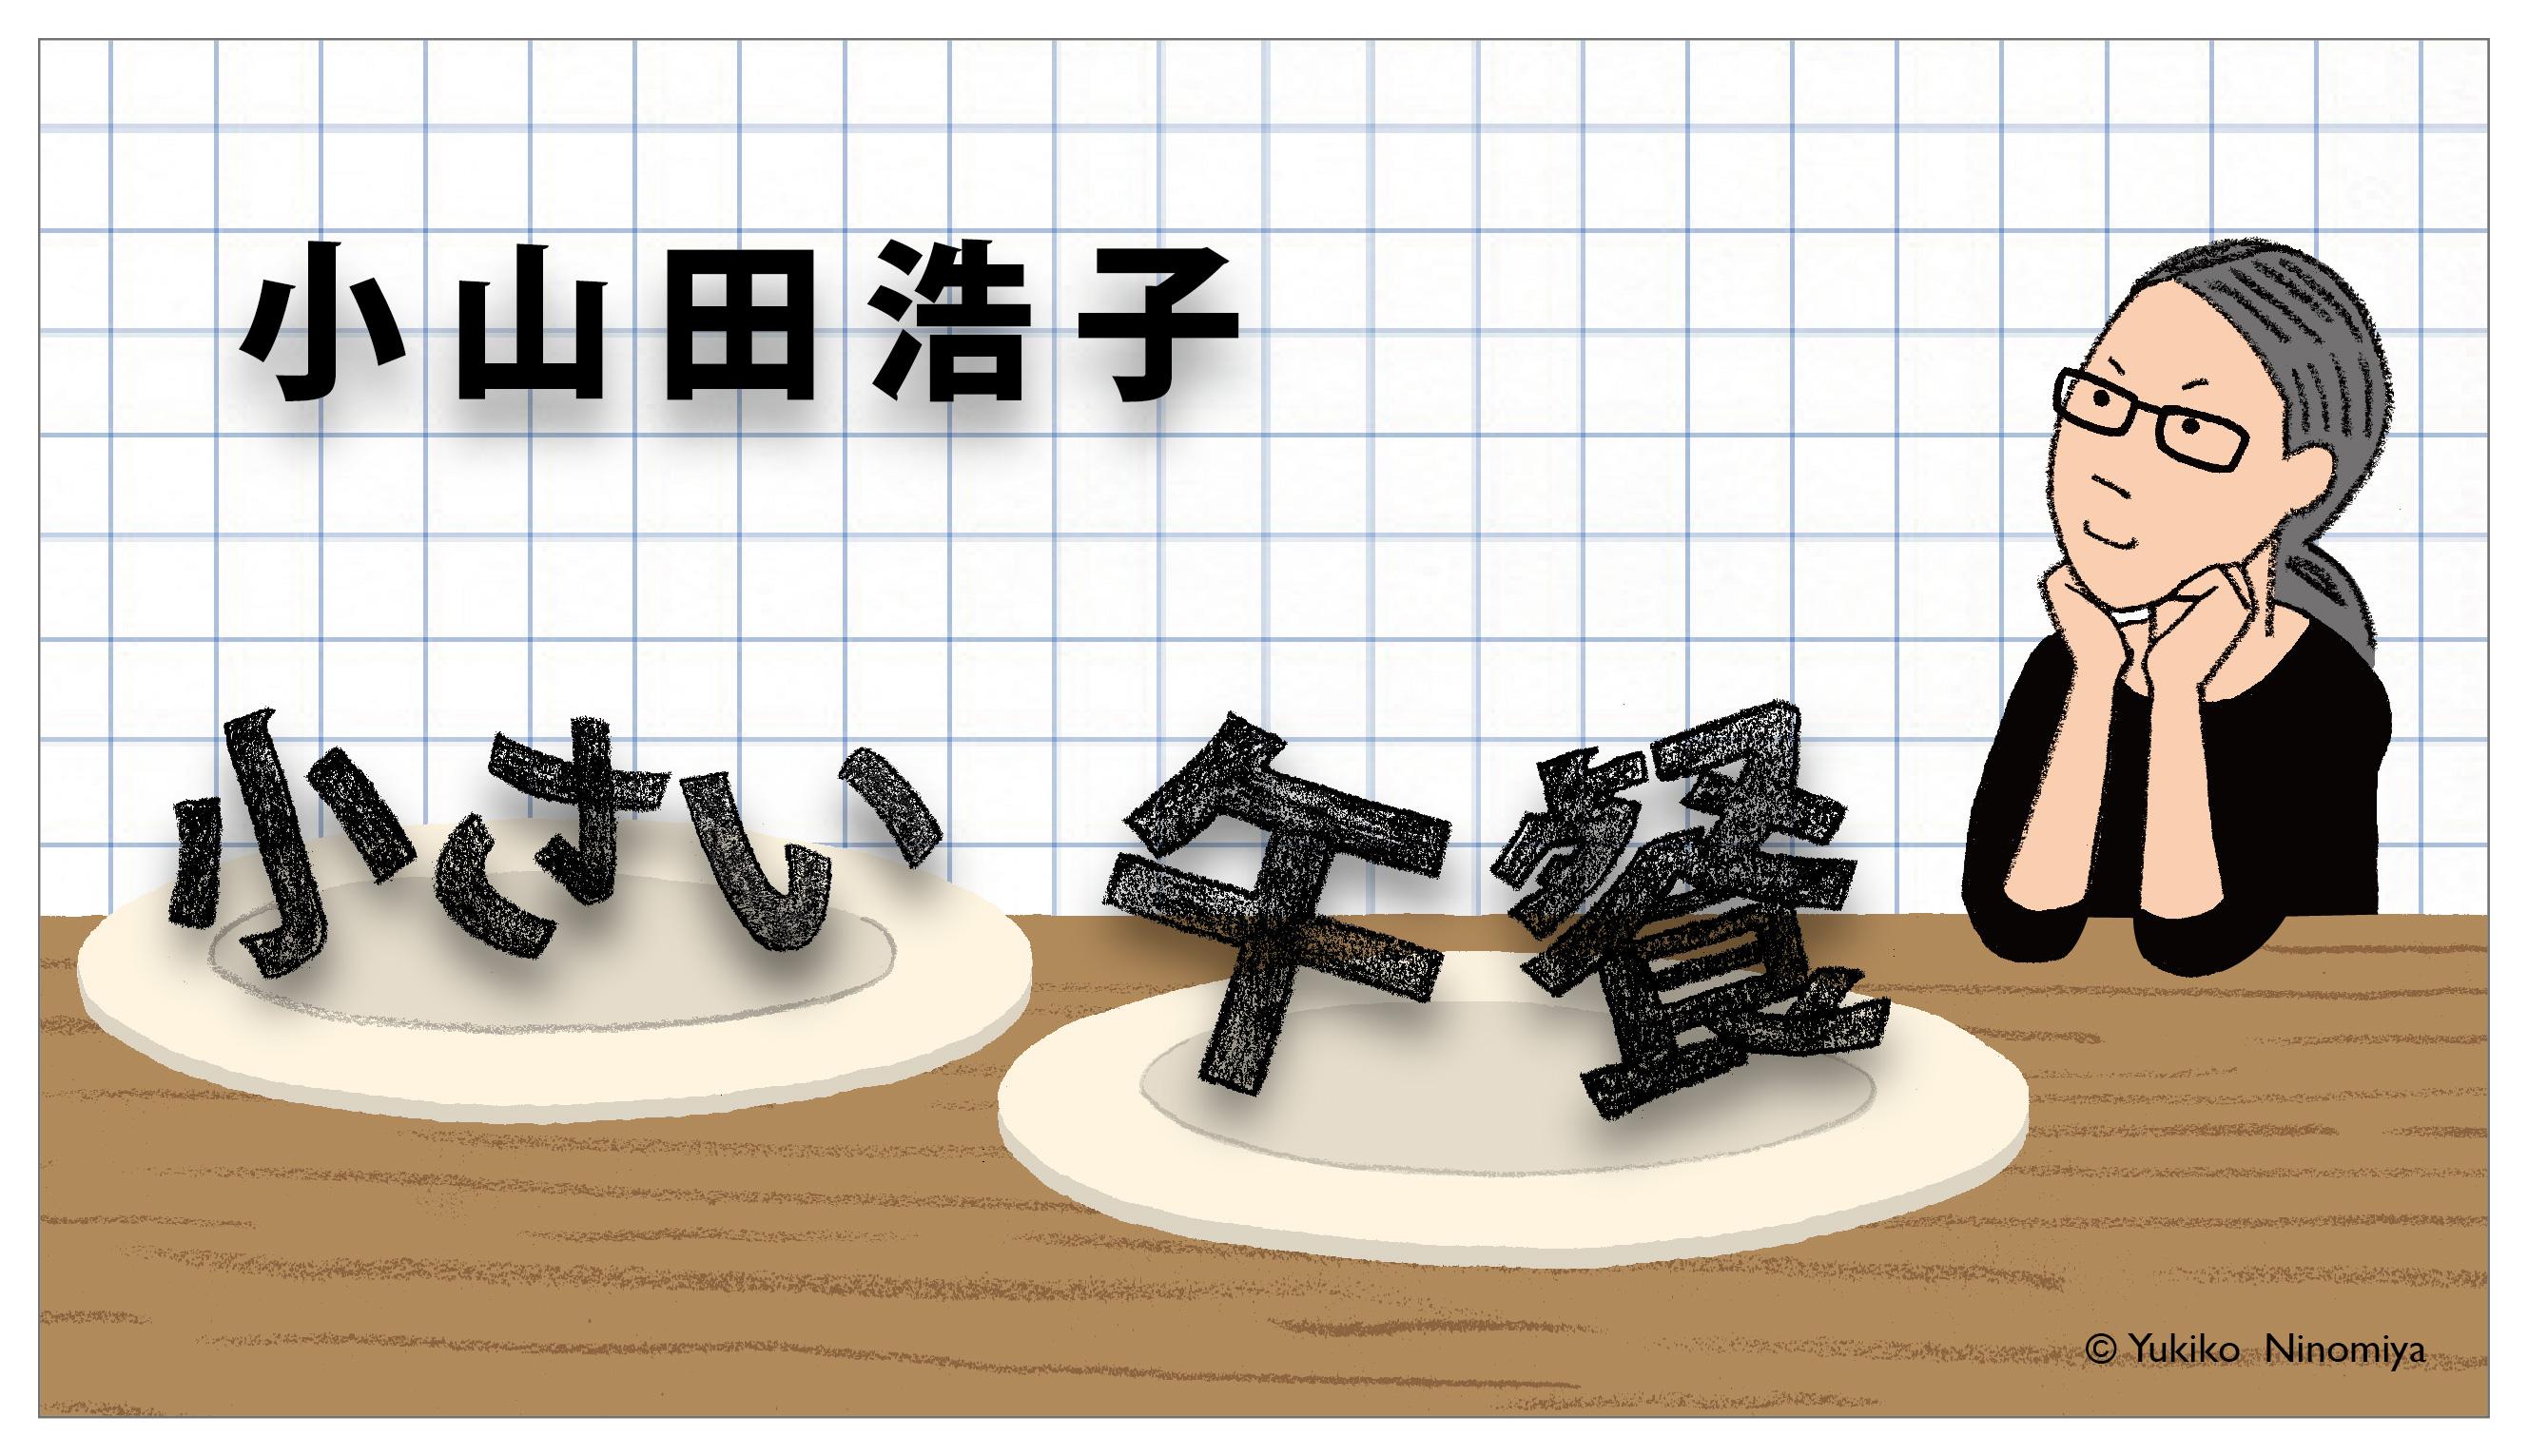 祝!『ガルヴェイアスの犬』日本翻訳大賞受賞(No. 813)